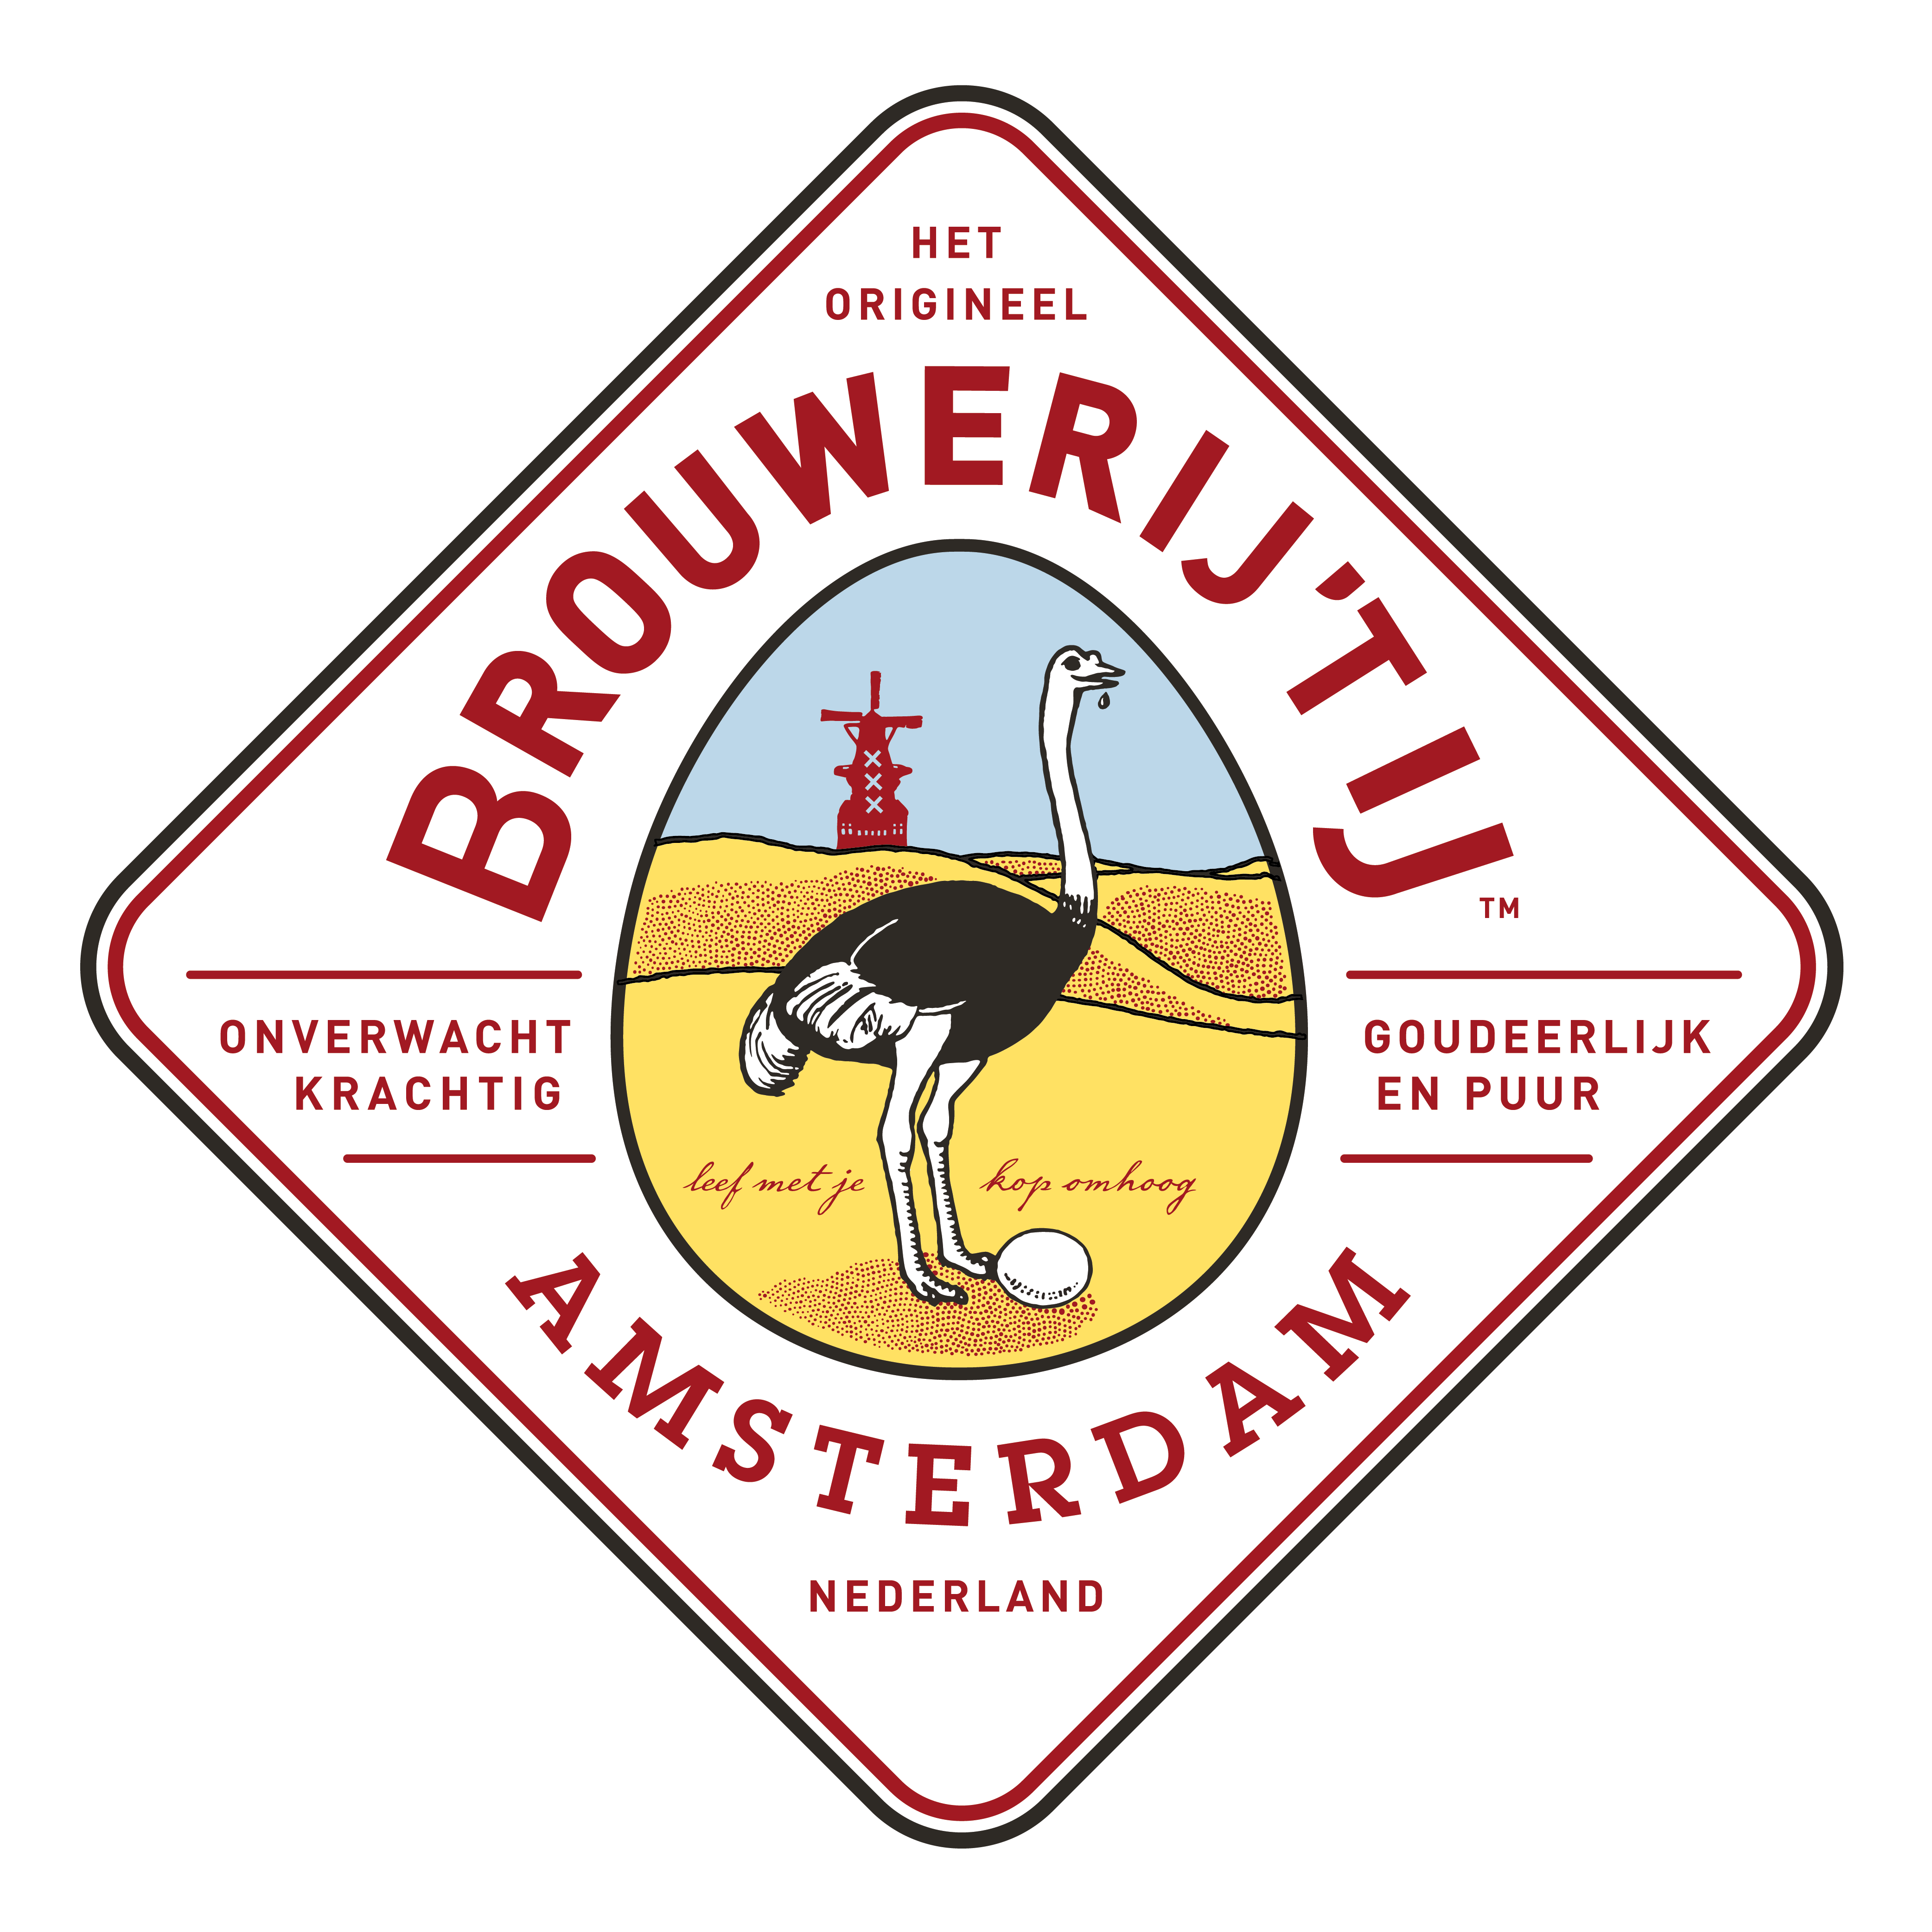 nectar-utrecht-pils-bier-brouwerij-nederland-streekbier-amsterdam-brouwerij-t-ij-logo-01